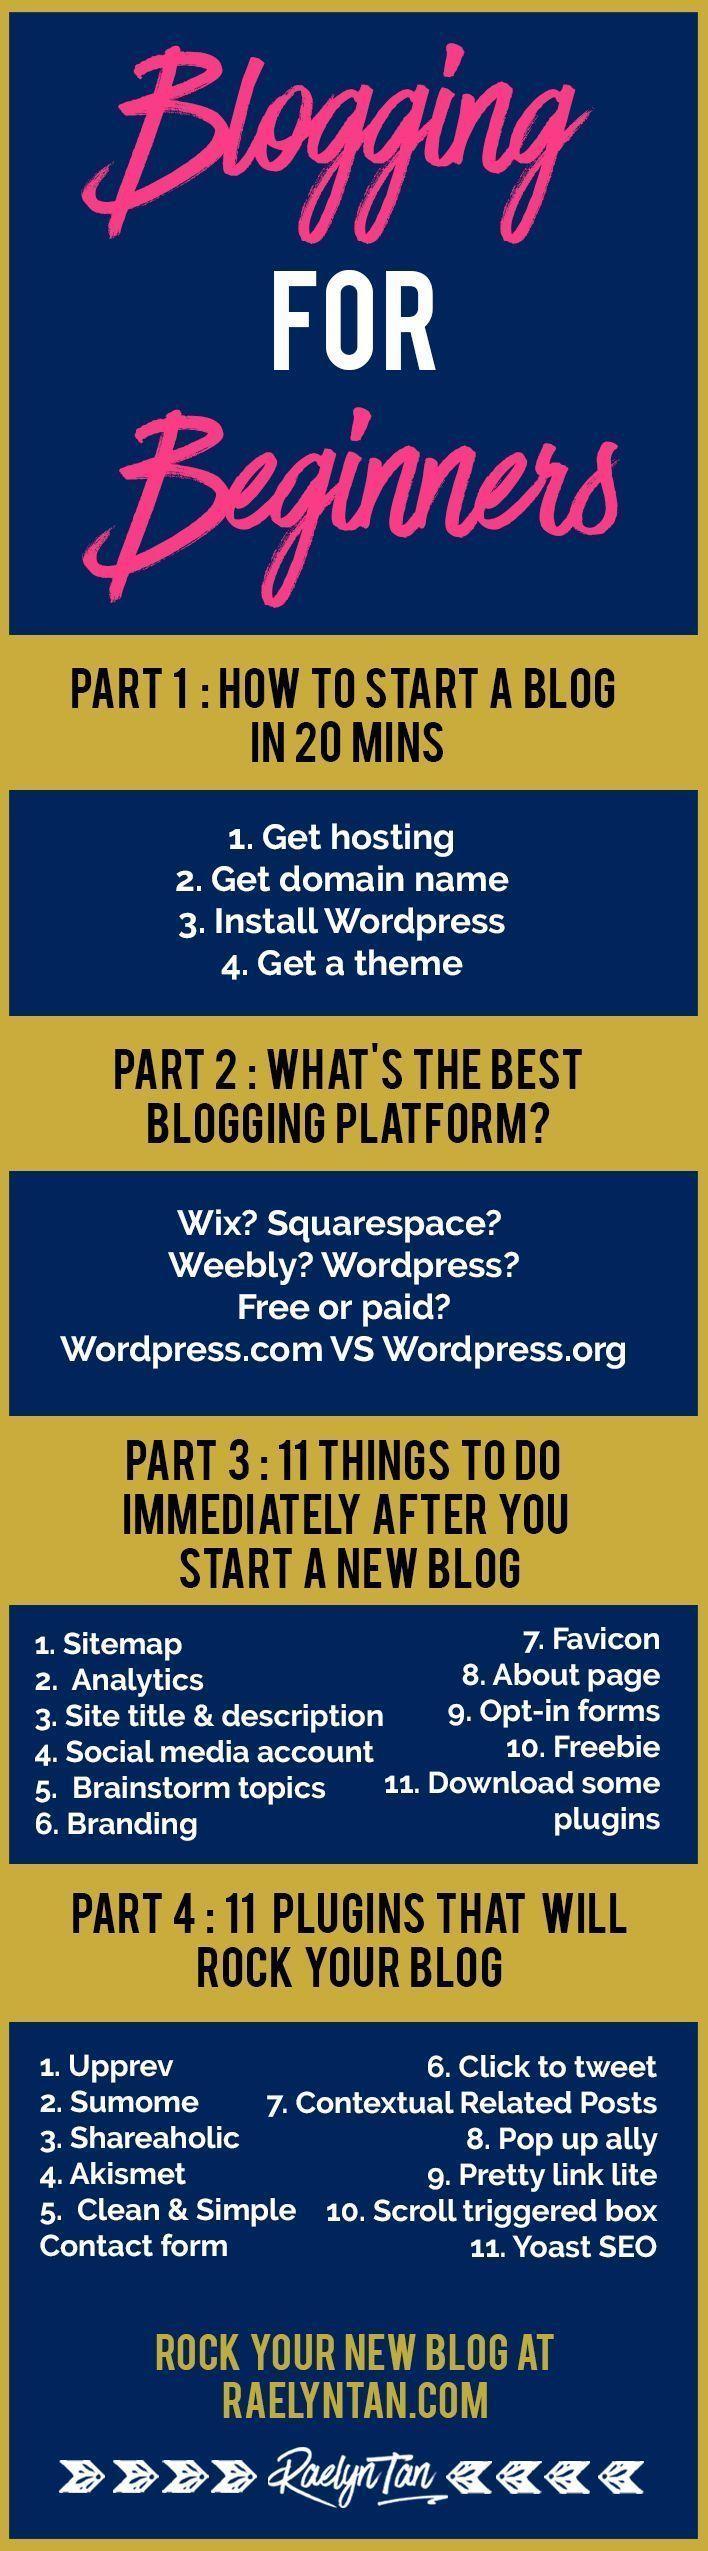 25 + › Blogging für Anfänger: So starten Sie ein Blog in 20 Minuten – # Anfänger #Blog #Blogging #Keine #Für Anfänger # für # Minuten – Monti